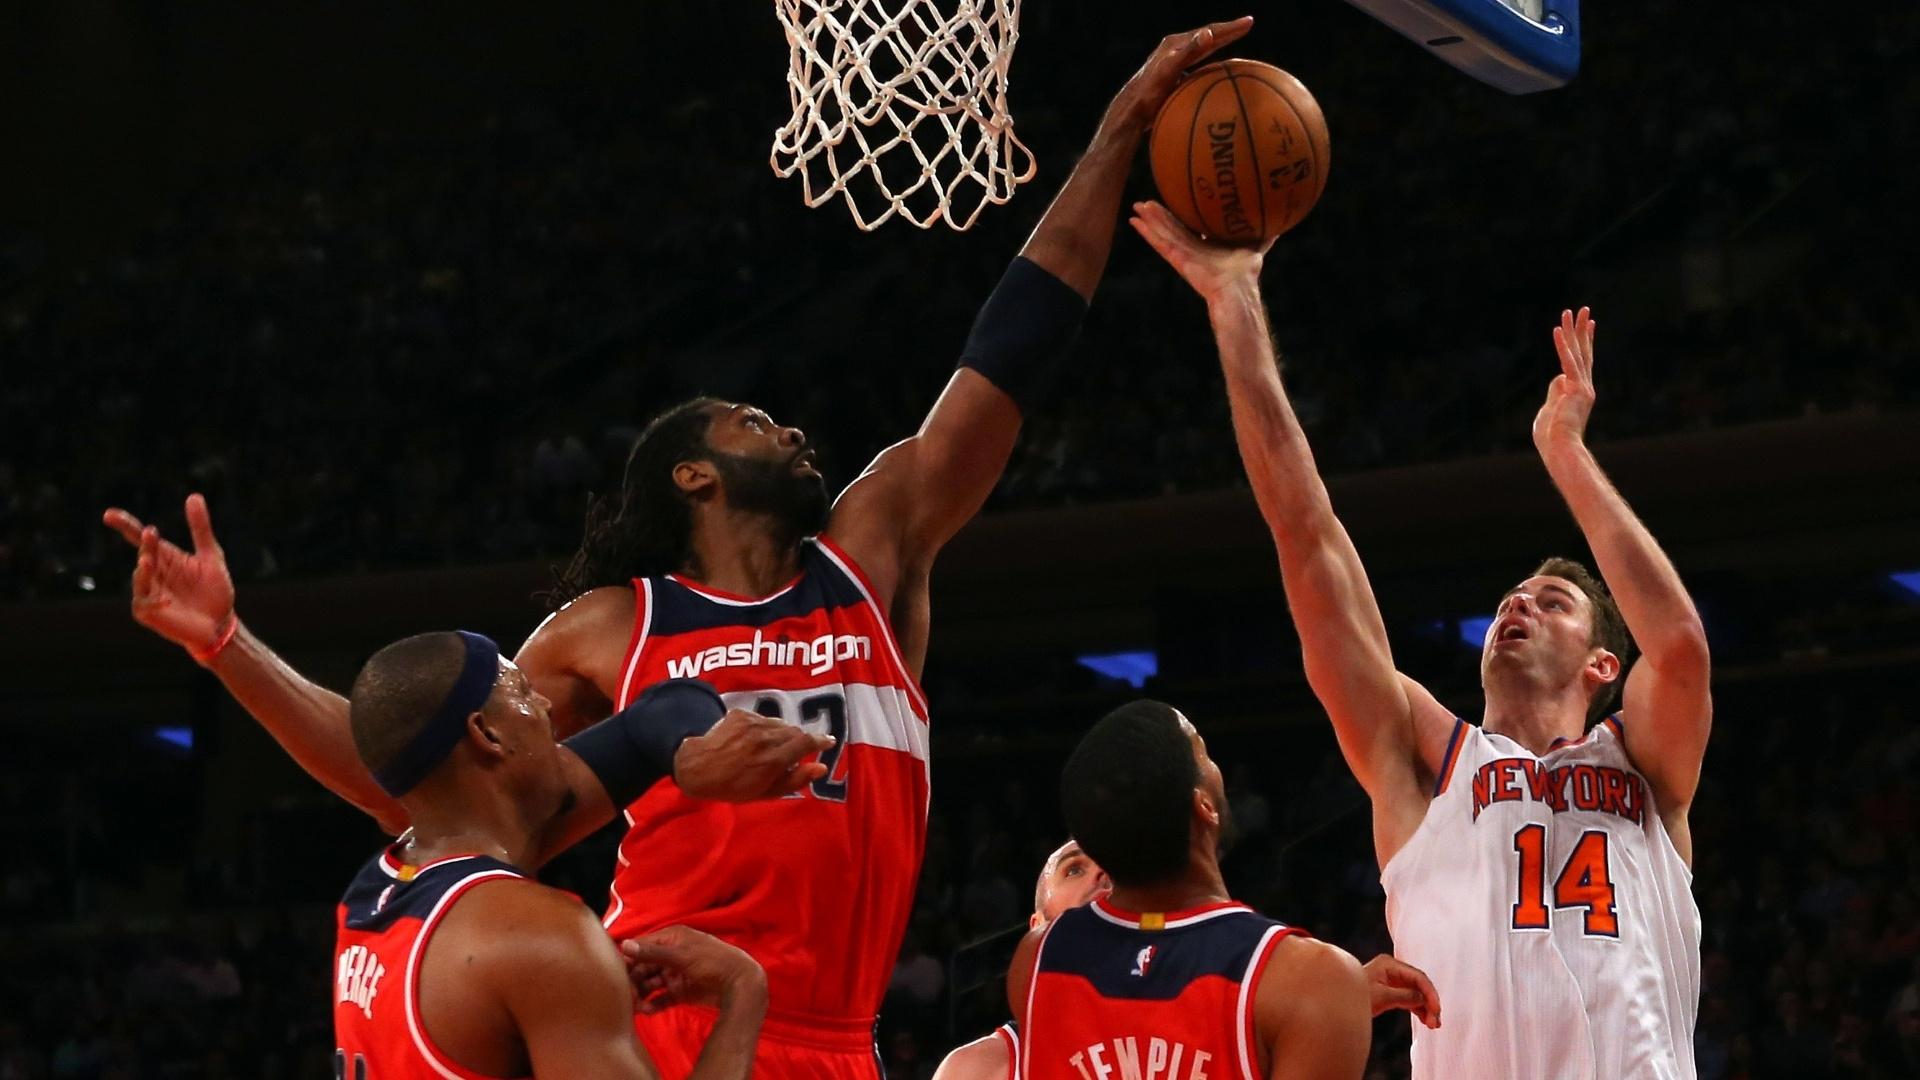 04.nov.2014 - Brasileiro Nenê bloqueia o arremesso de Jason Smith na partida entre Washington Wizards e New York Knicks